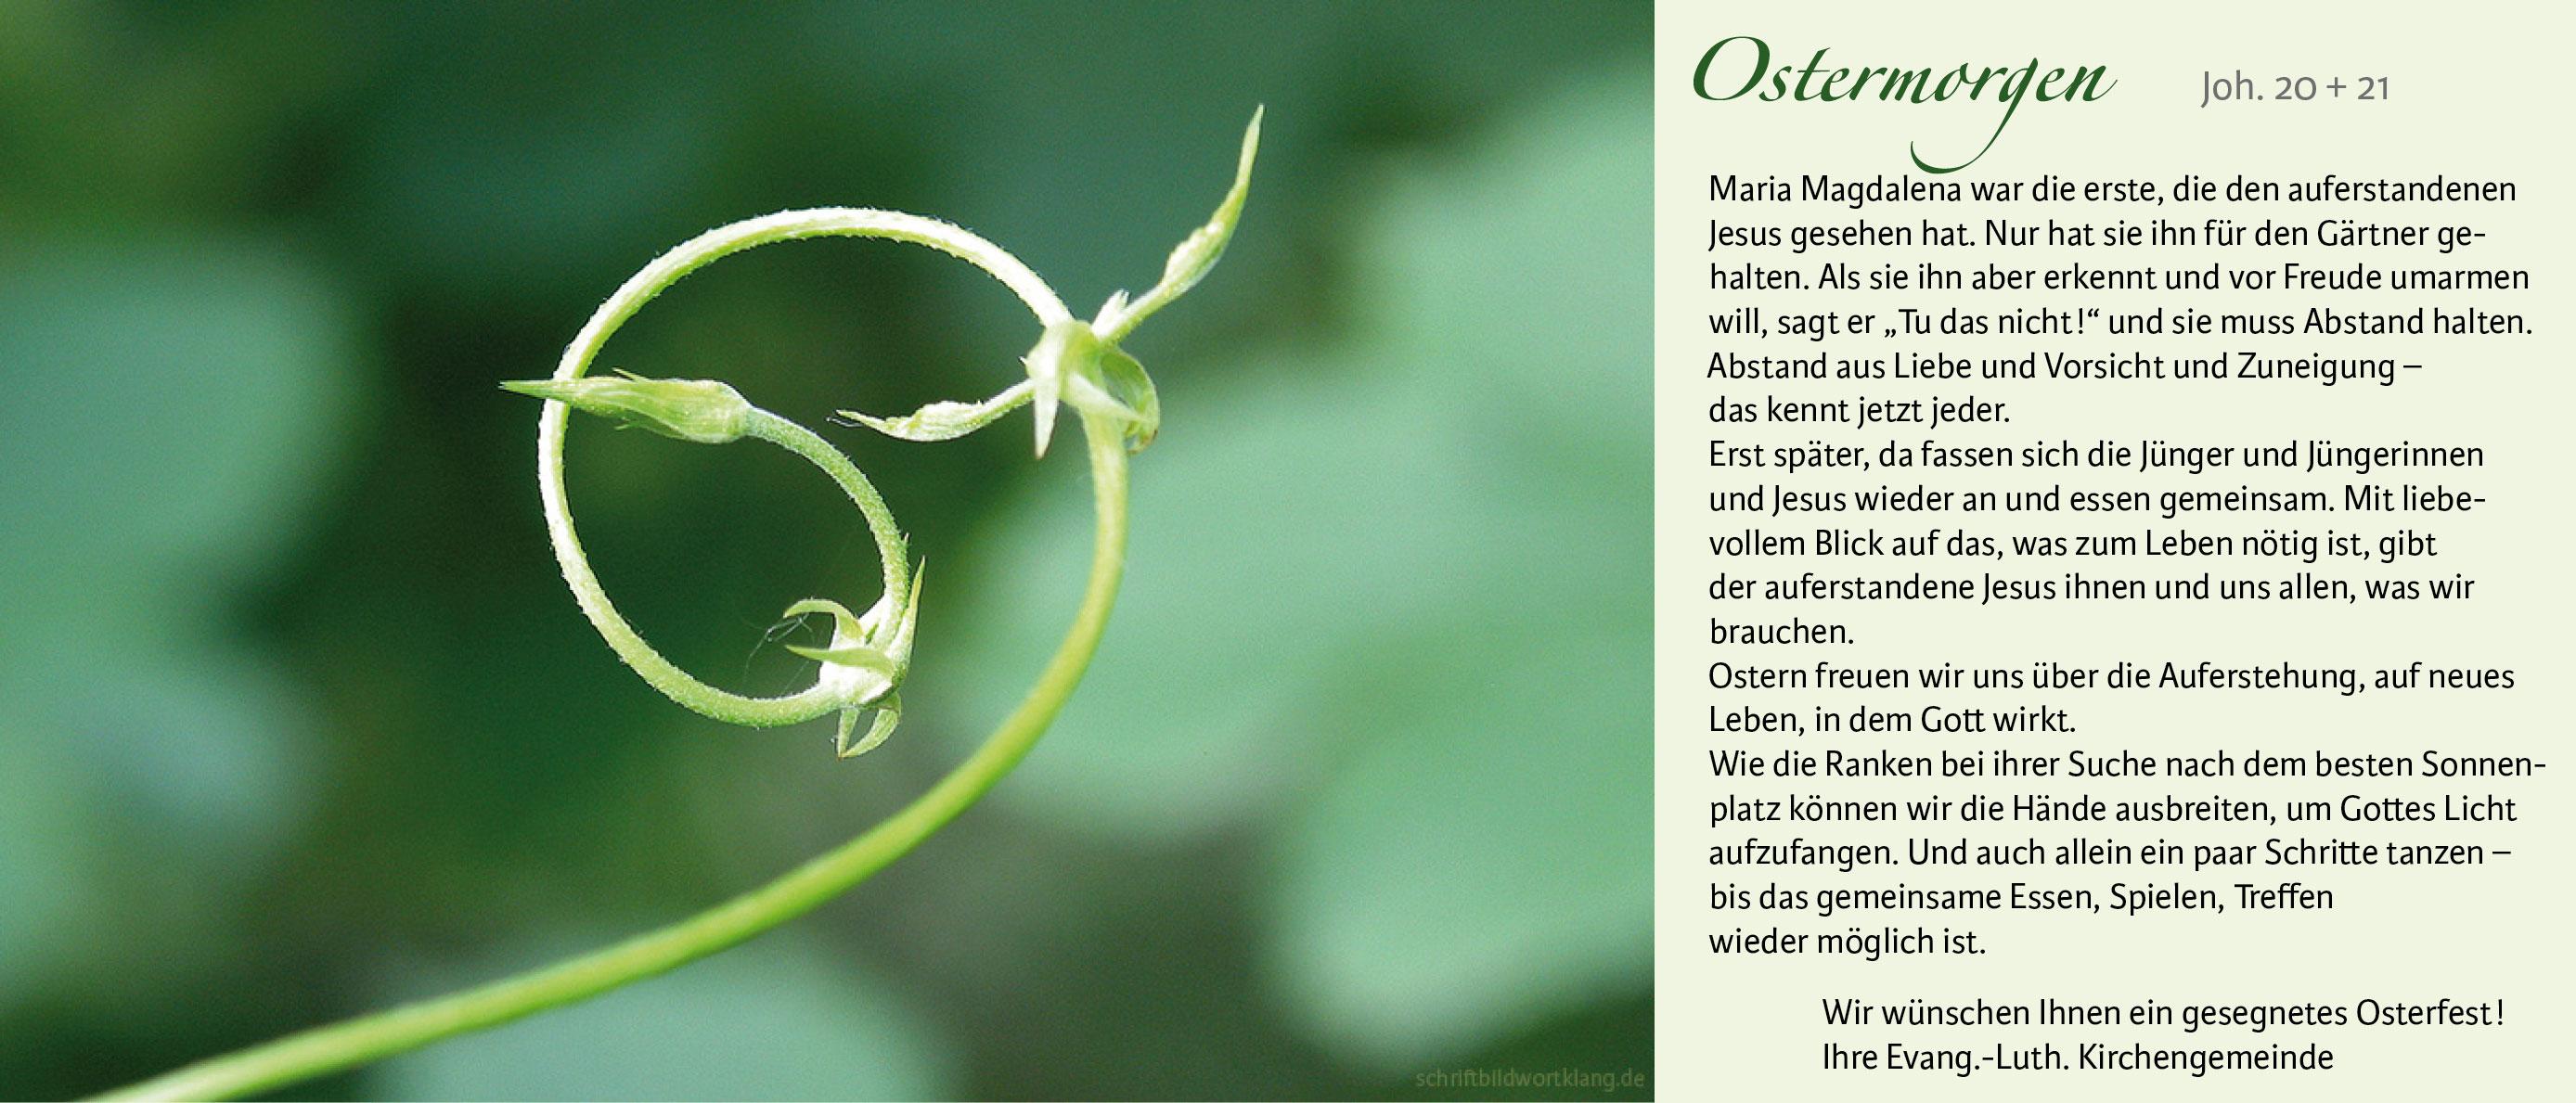 Eine junge grüne Ranke in spiralförmiger Bewegung und ein kurzer Text zu Ostern